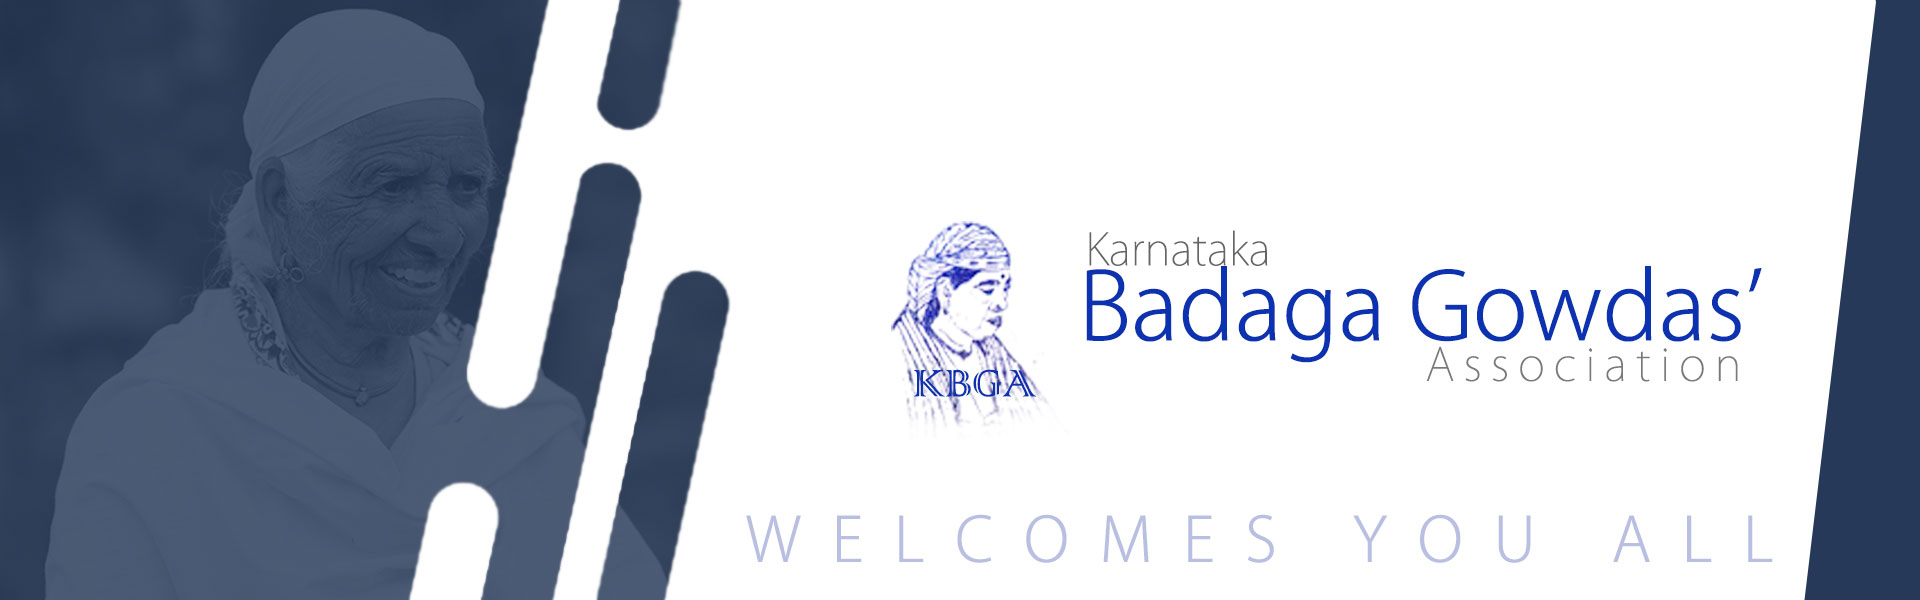 CommUNITY Sports at KBGA